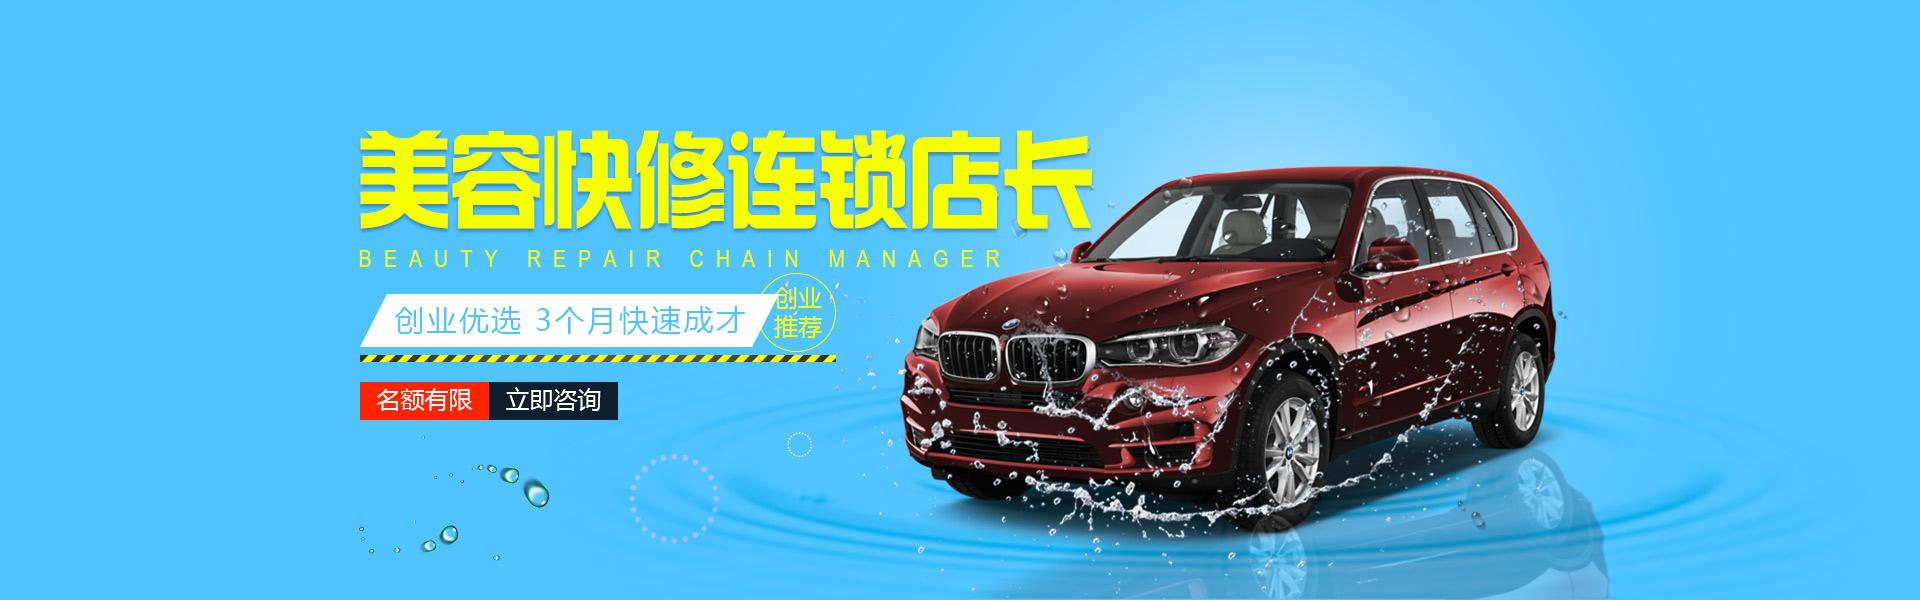 从四大方面看汽车美容行业发展前景